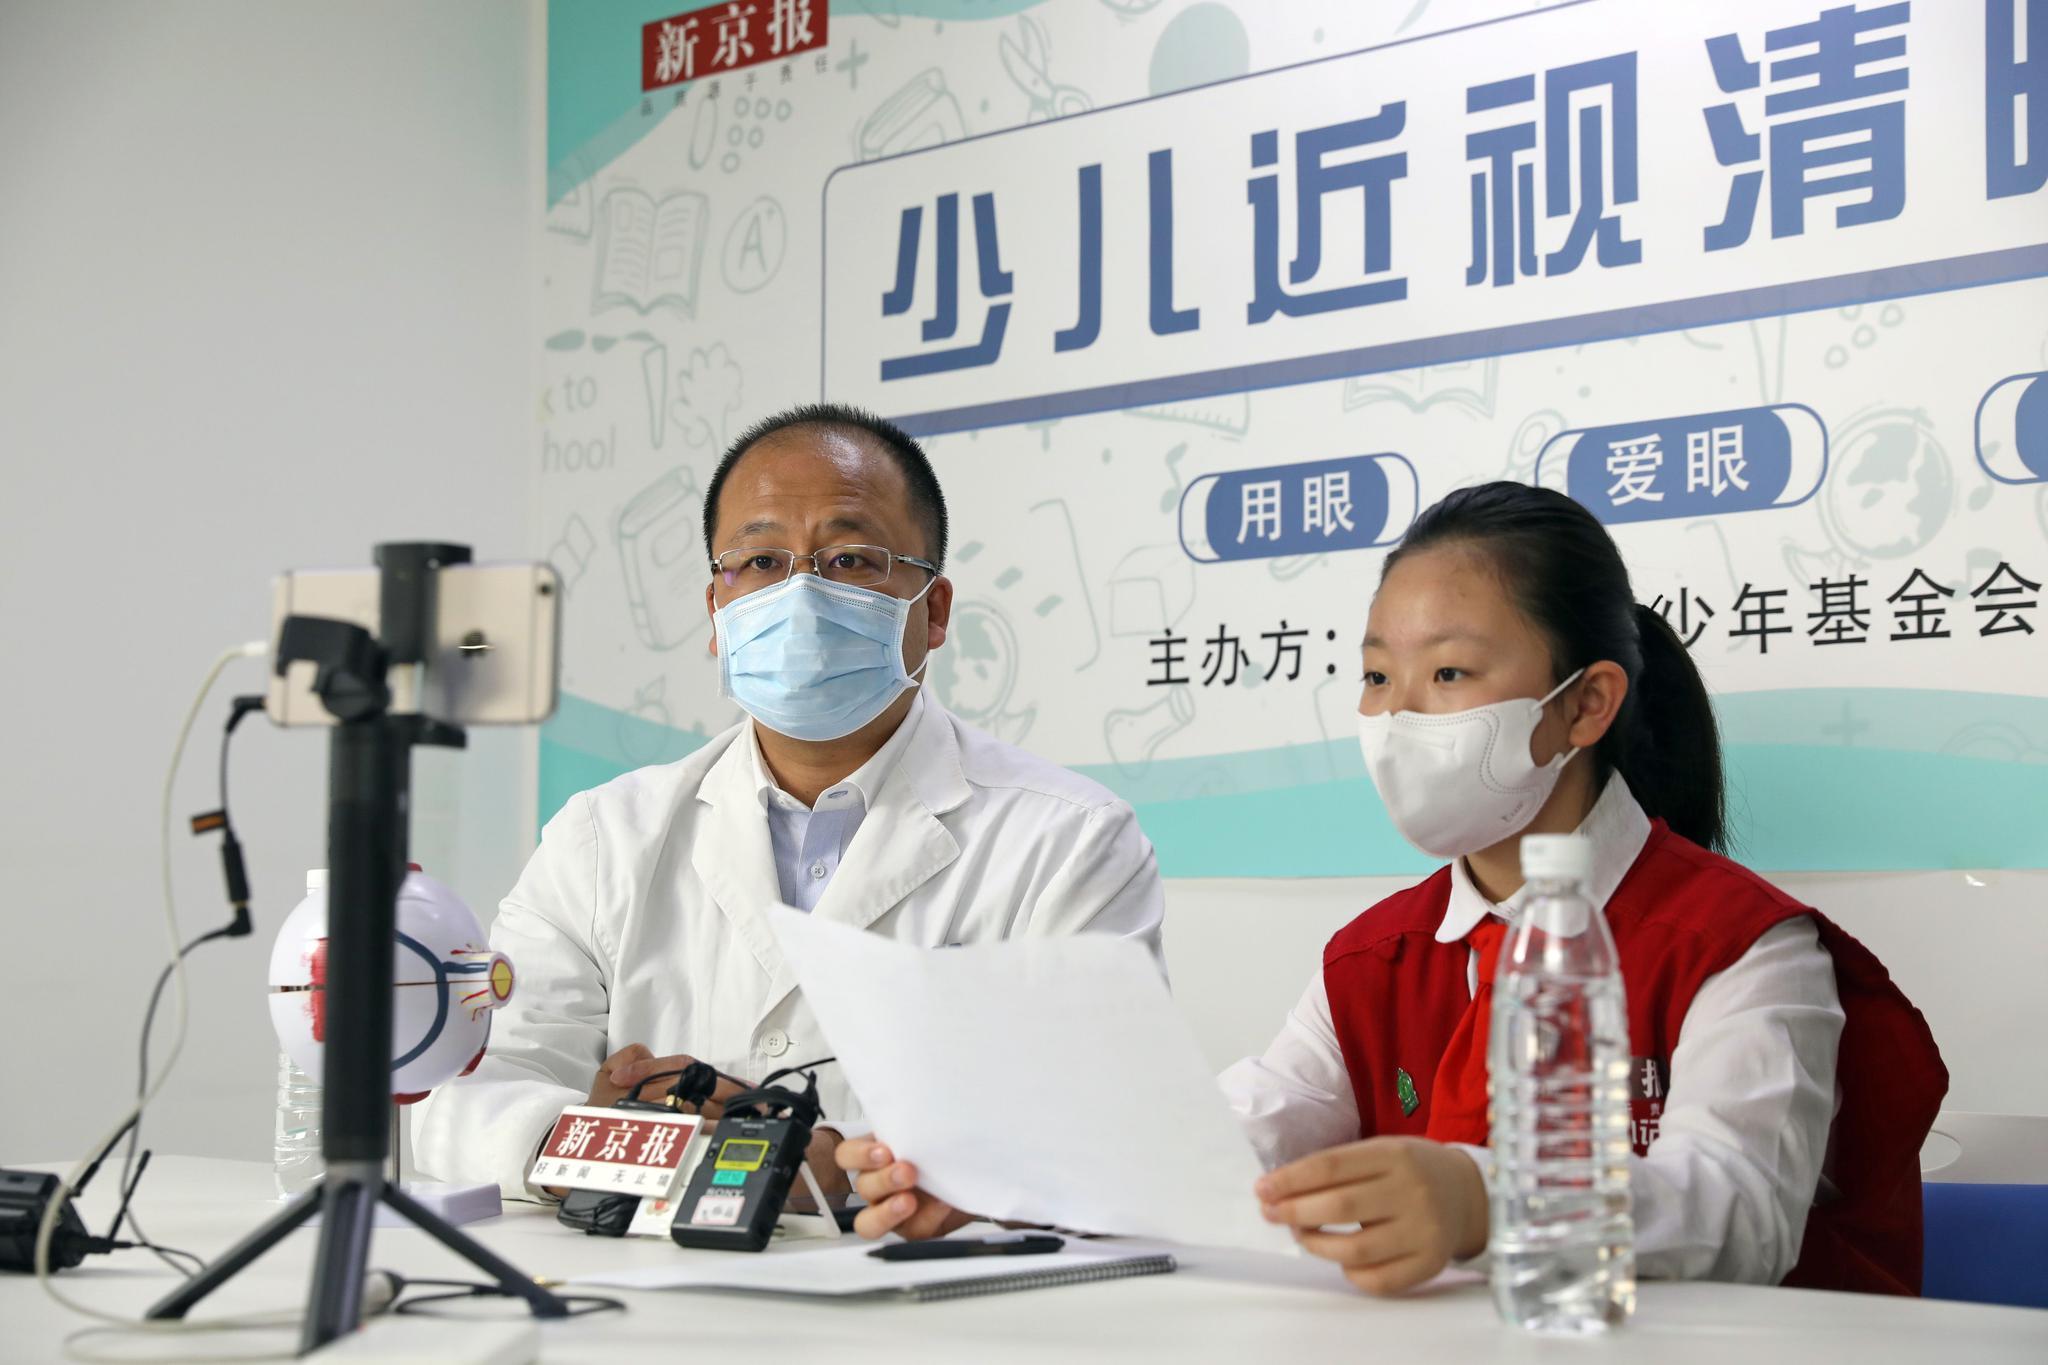 「杏鑫」眼科专家成主播杏鑫解答青少年护眼图片